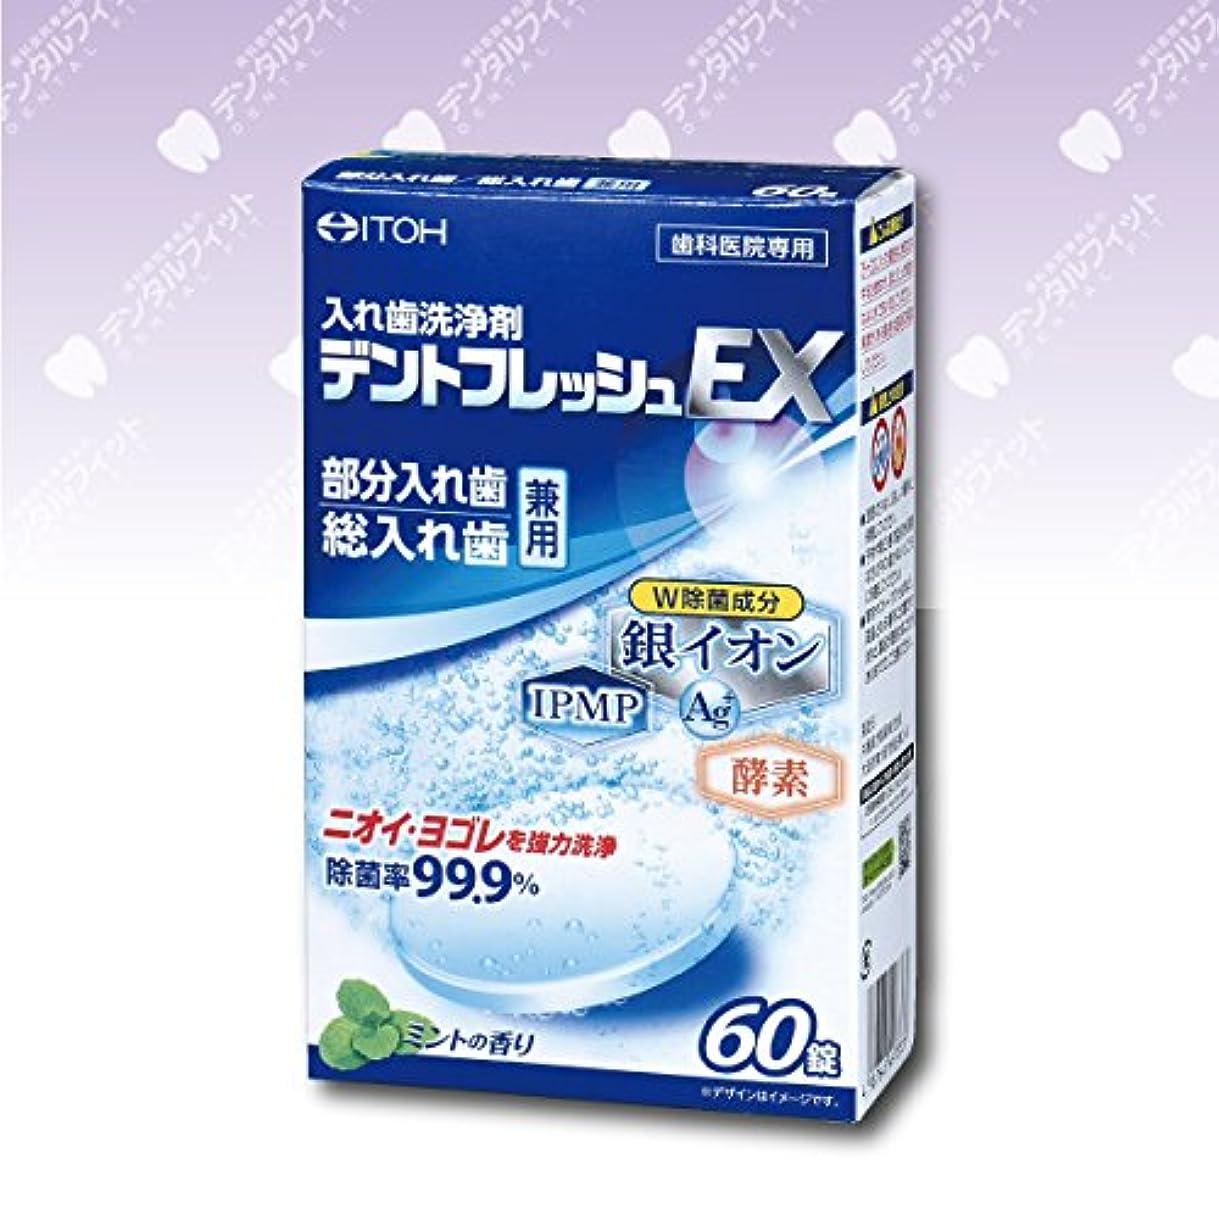 堀世紀サーマル入れ歯洗浄剤 デントフレッシュEX 1箱(60錠)